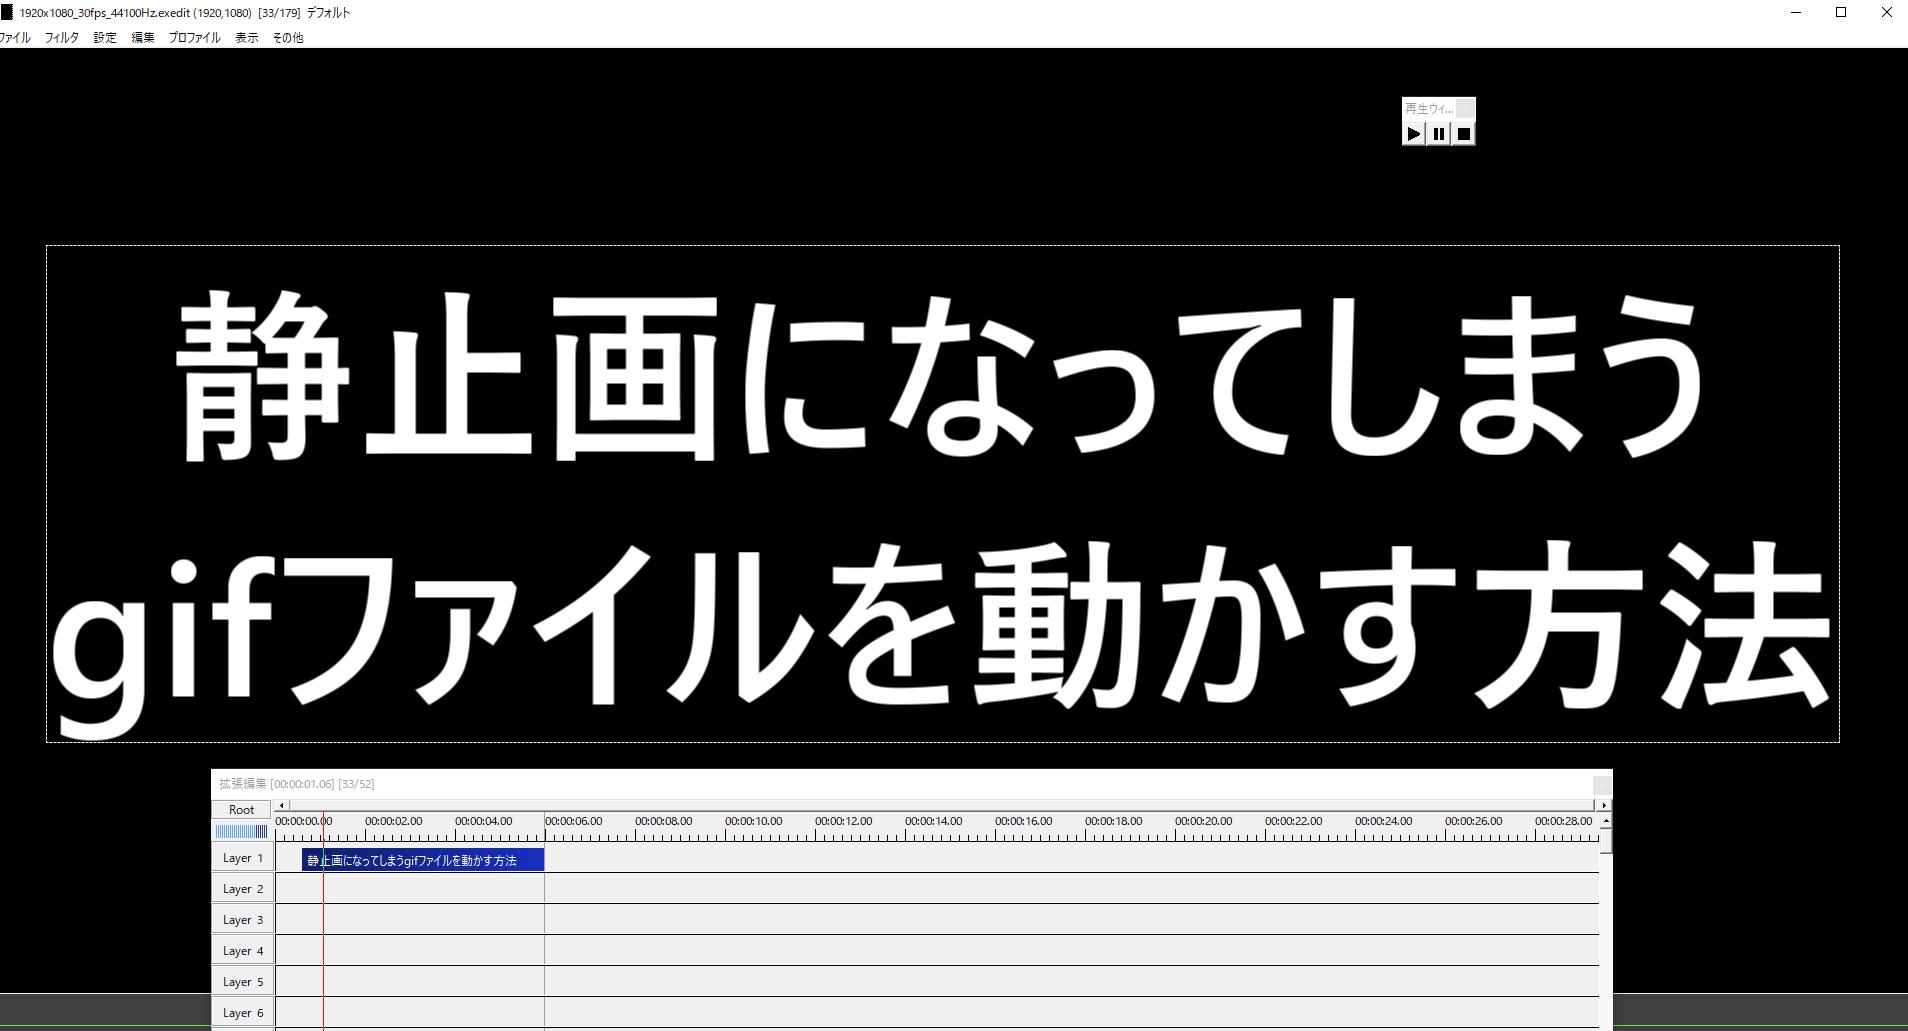 【AviUtl】gifファイルを動画として読み込む方法